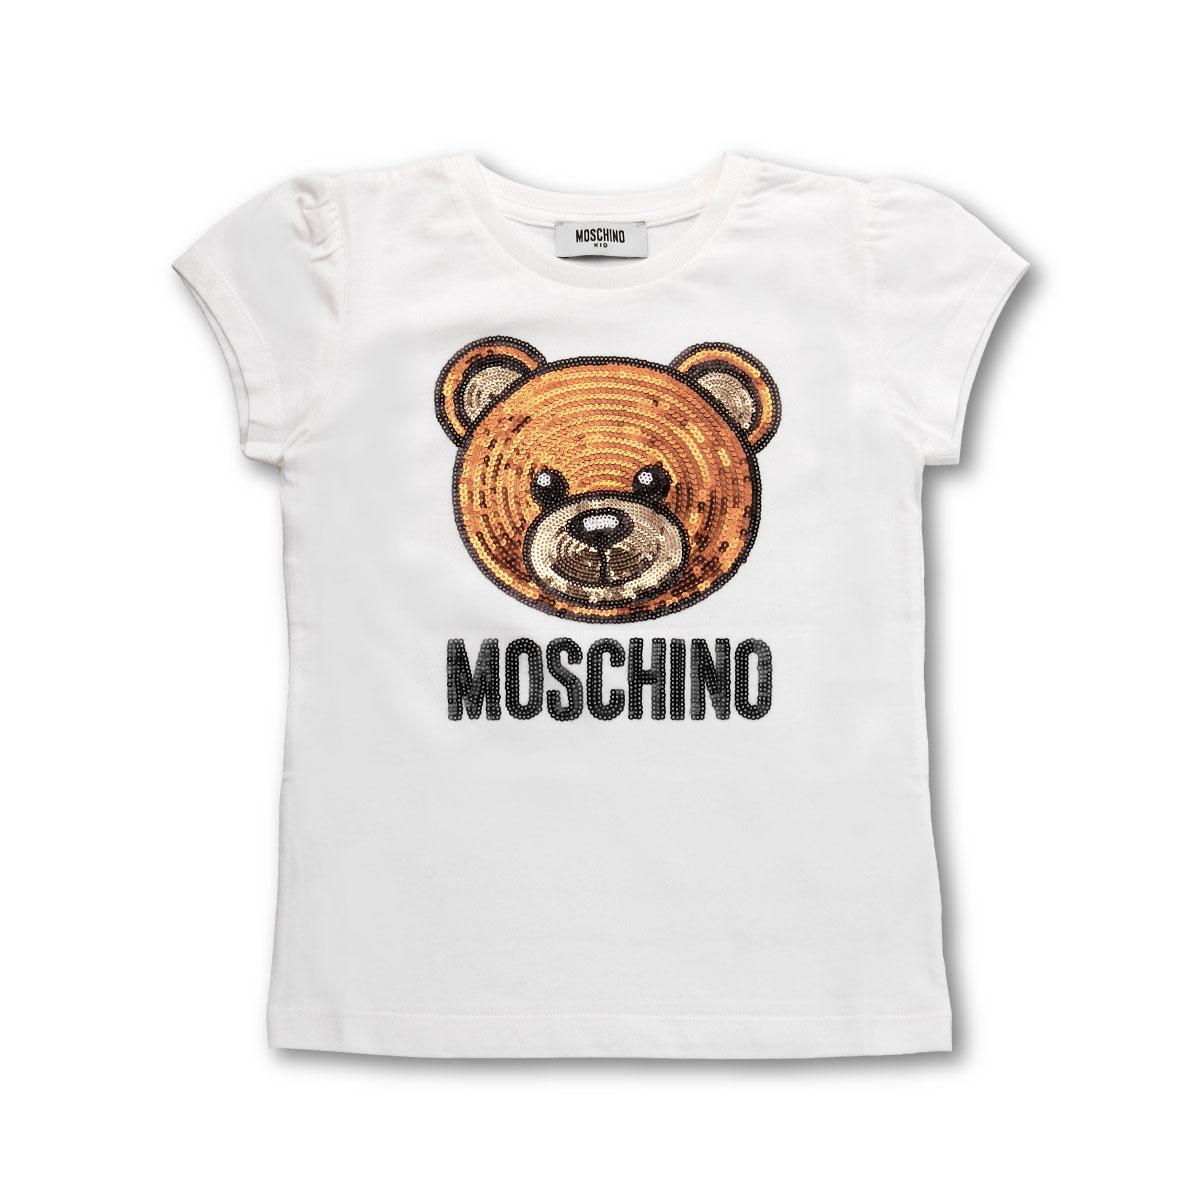 モスキーノ MOSCHINO Tシャツ キッズ ガールズ HGM021 LAA08 10063 半袖Tシャツ WHITE ホワイト6A-10A